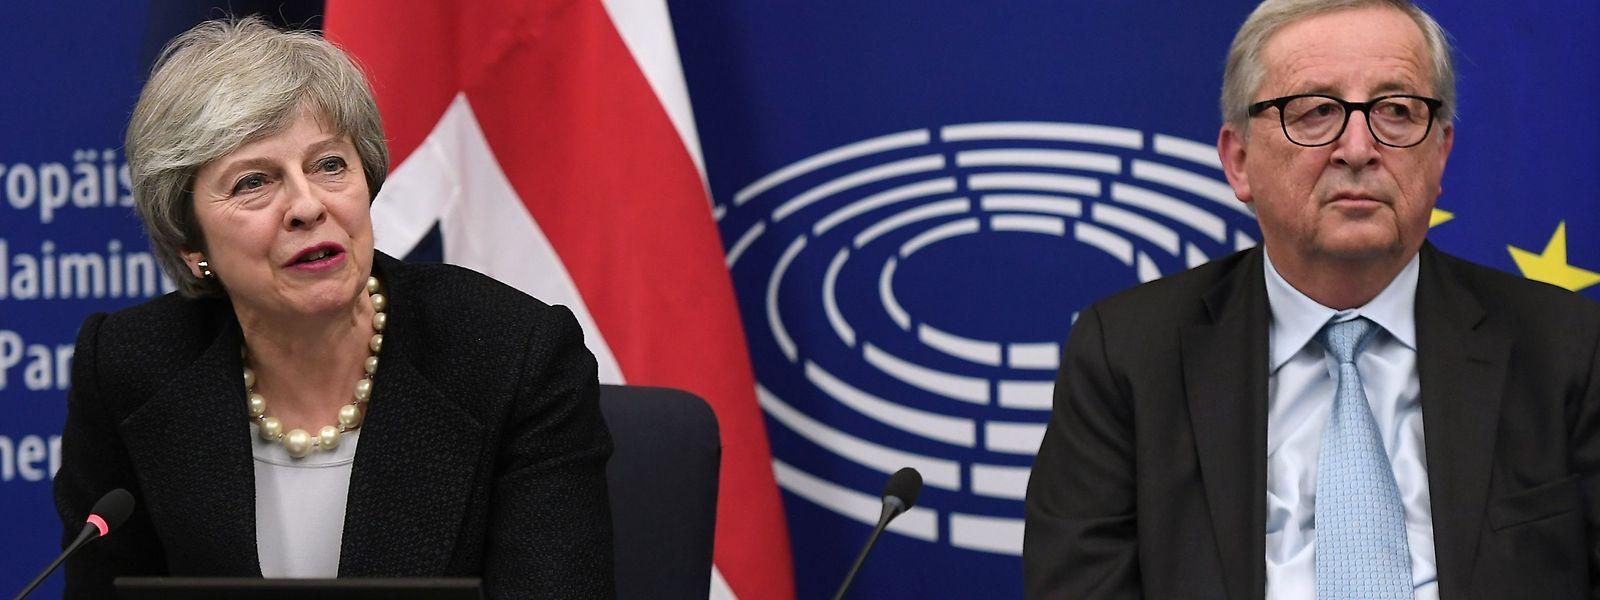 Der Kommissionschef bekräftigte, dass die EU keine weiteren Zugeständnisse an Großbritannien und Regierungschefin Theresa May machen werde.